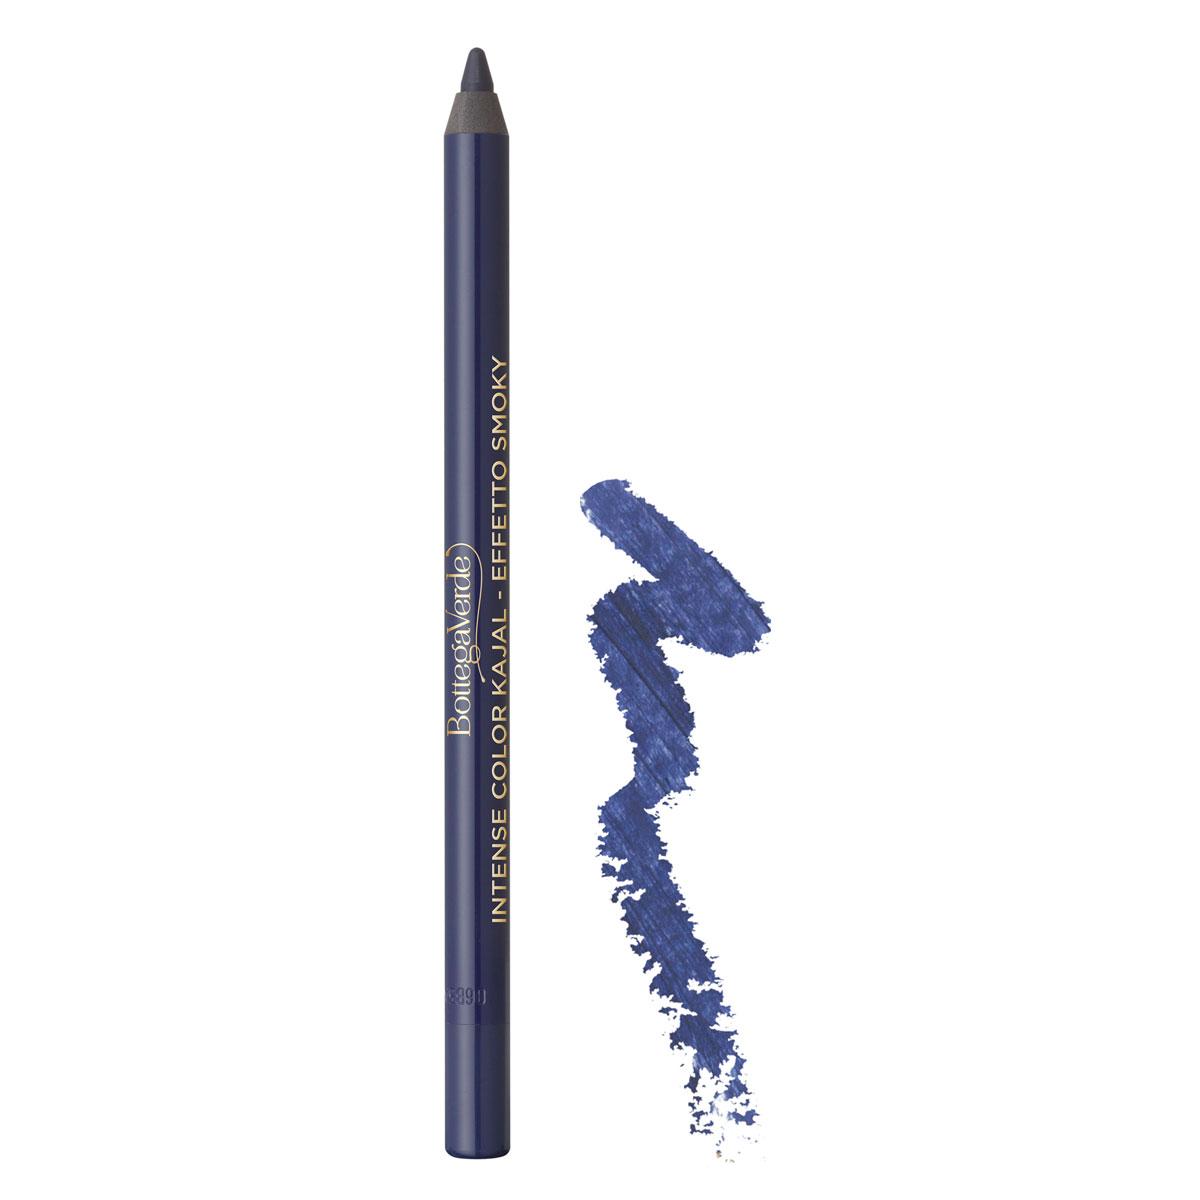 Creion de ochi kajal, cu rezistenta indelungata, cu vitamina C si E imagine